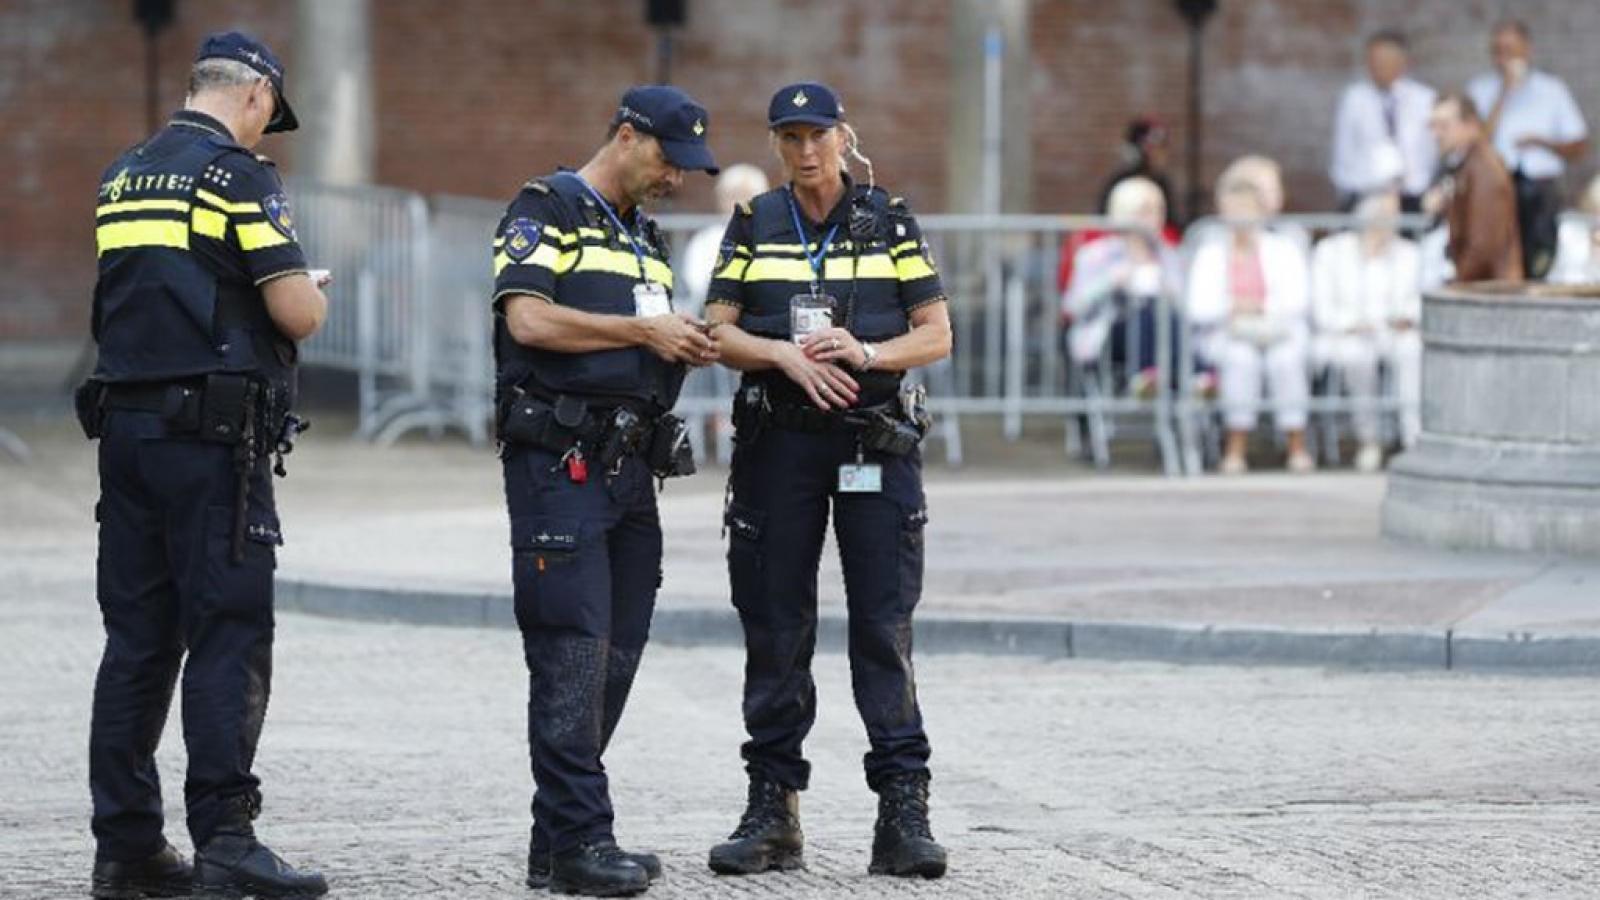 Châu Âu cảnh báo nguy cơ khủng bố nội địa gia tăng sau dịch bệnh Covid-19